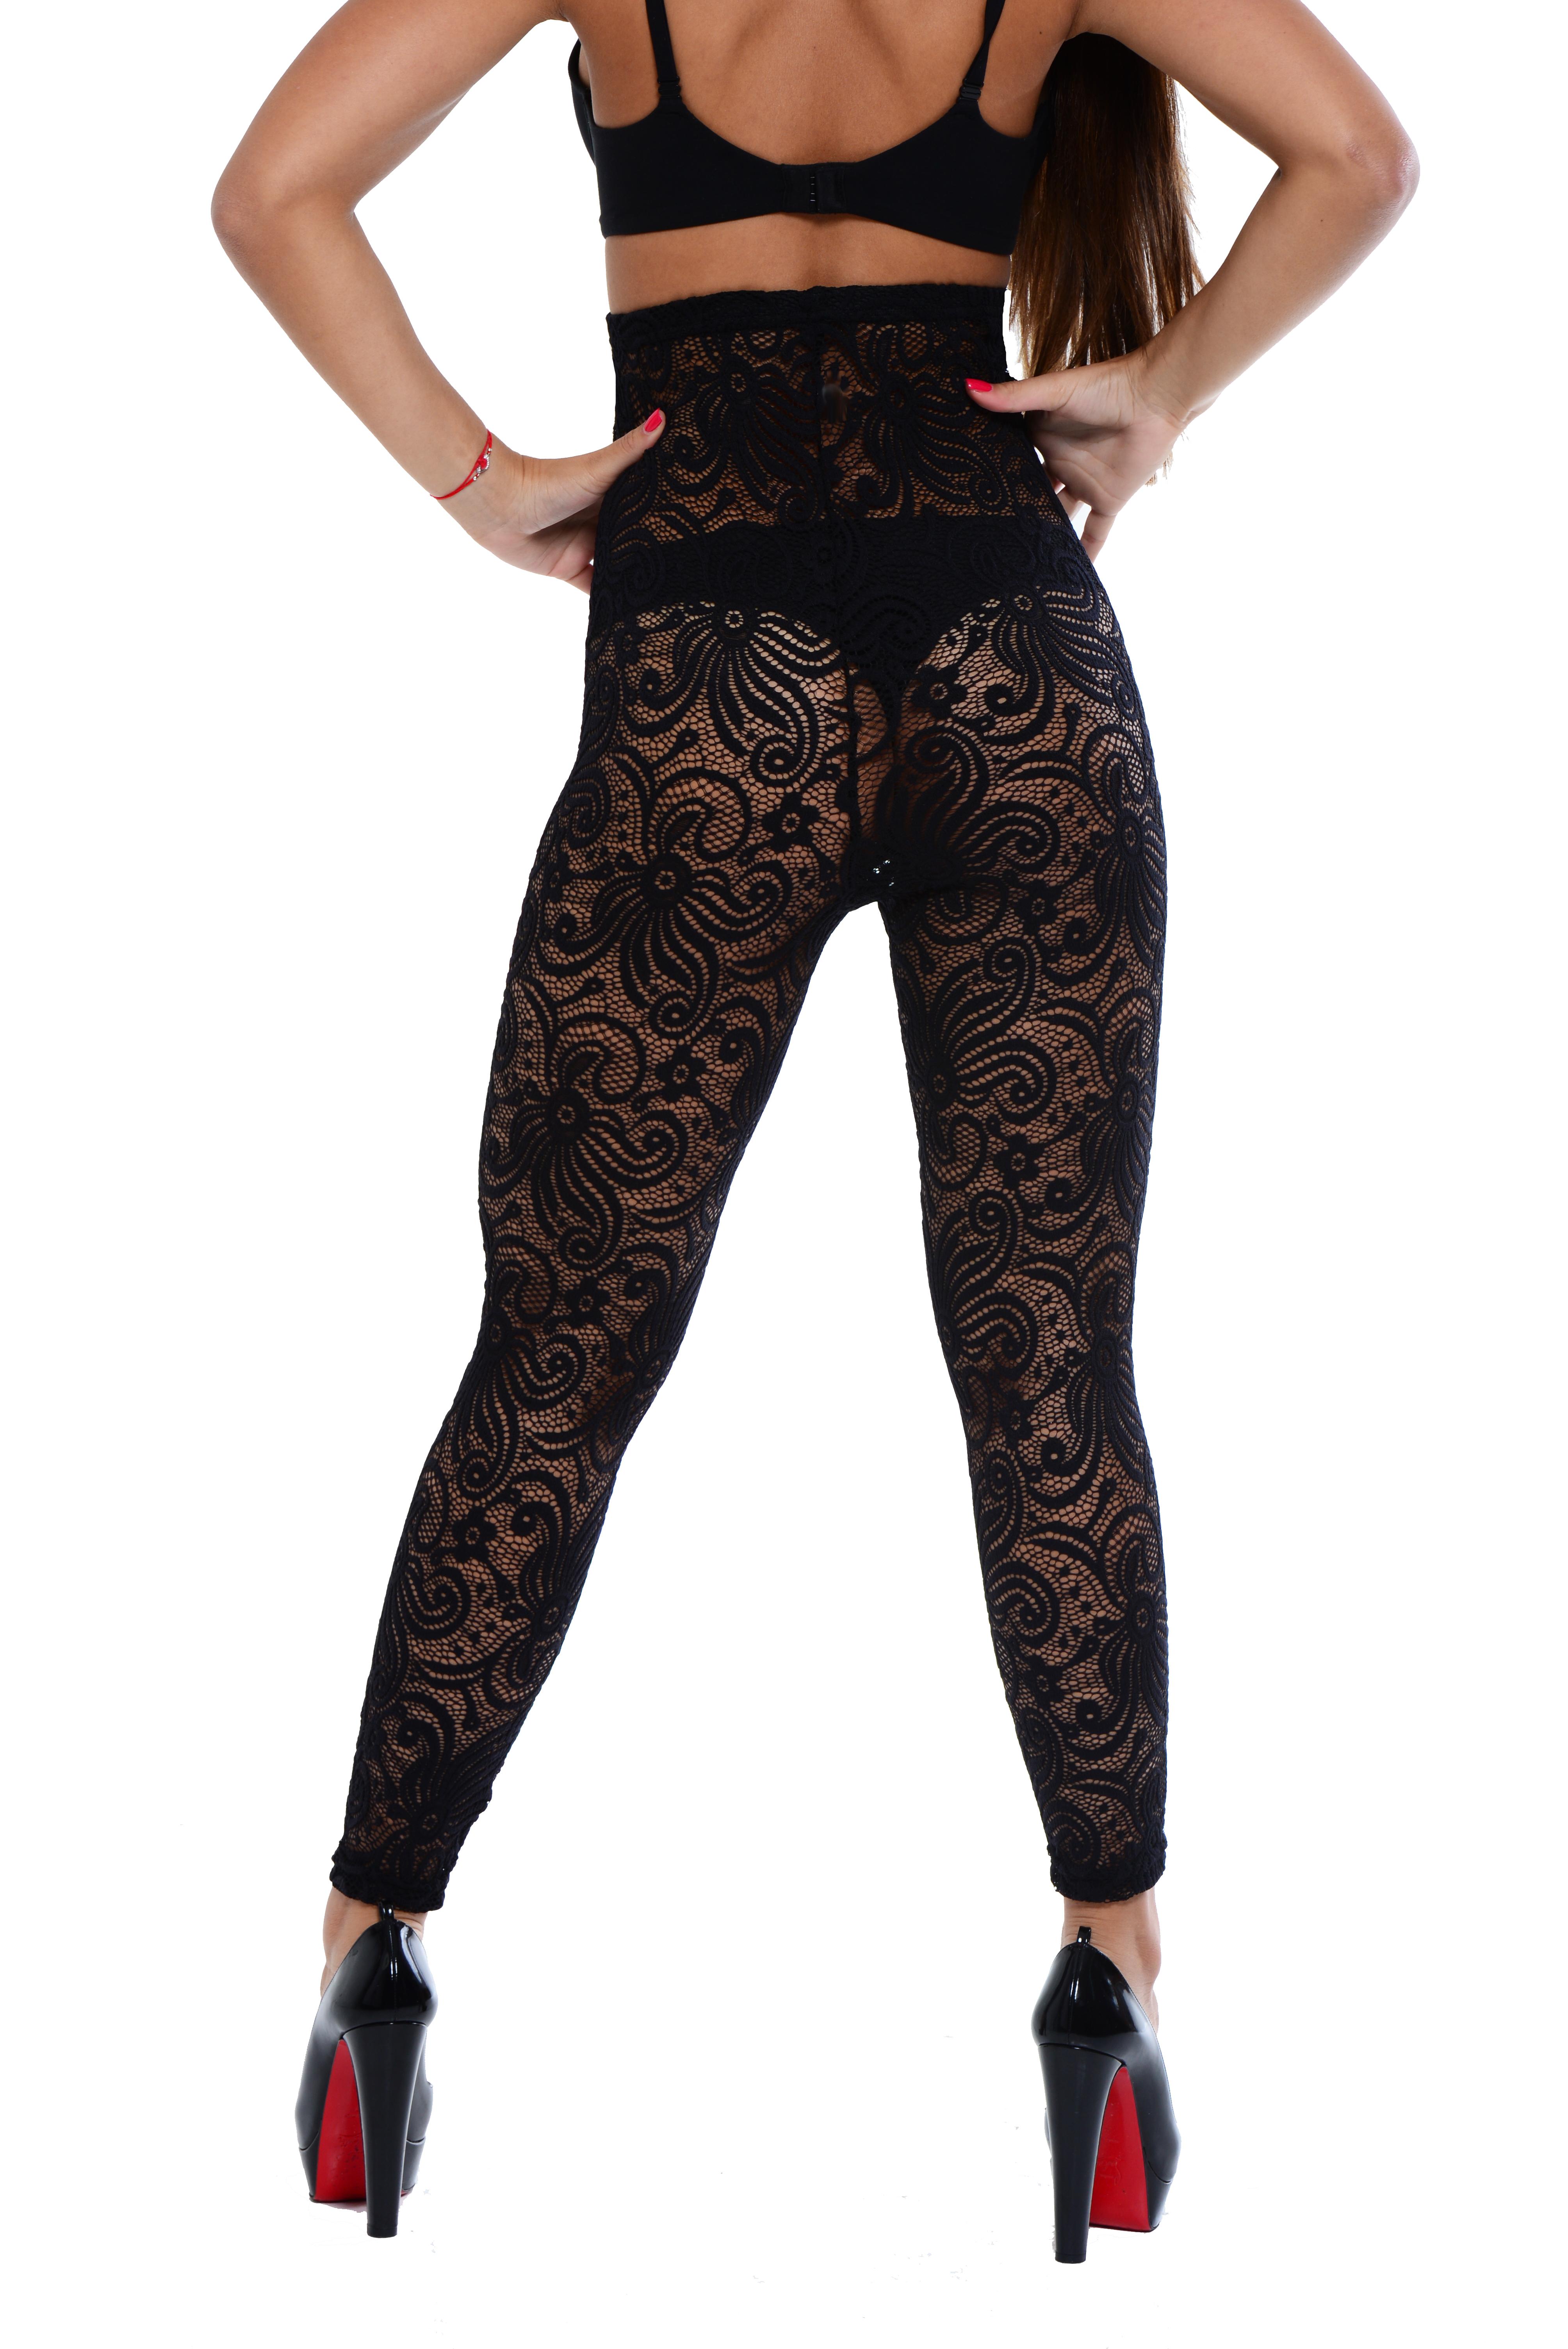 3fb950b318 Long Legging Body Slimmer Bridal Shapewear